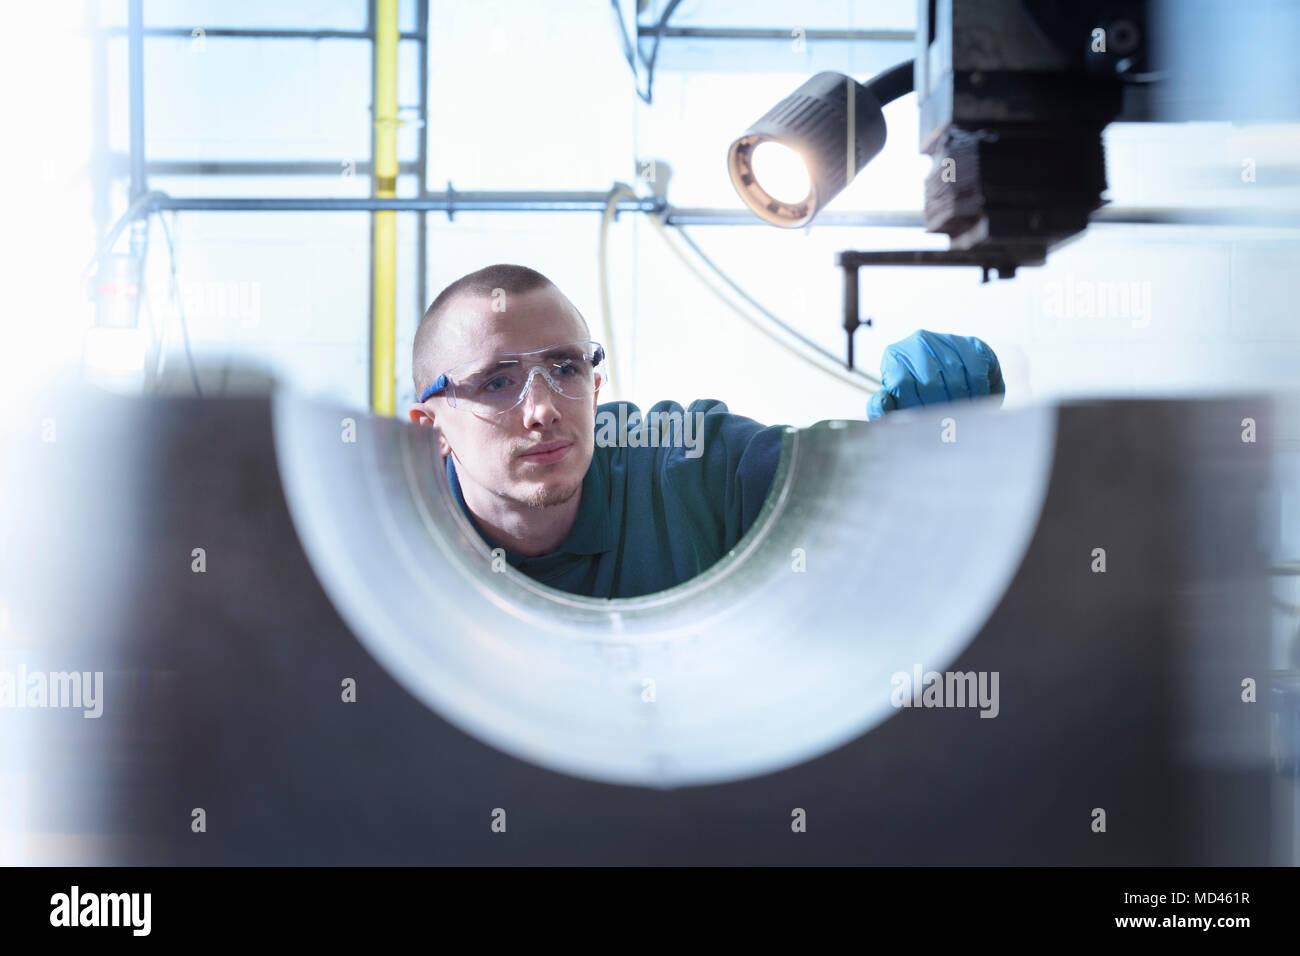 À l'aide de l'ingénieur décharge électrique (EDM) pour percer des trous dans le métal dans l'ingénierie de précision factory Photo Stock